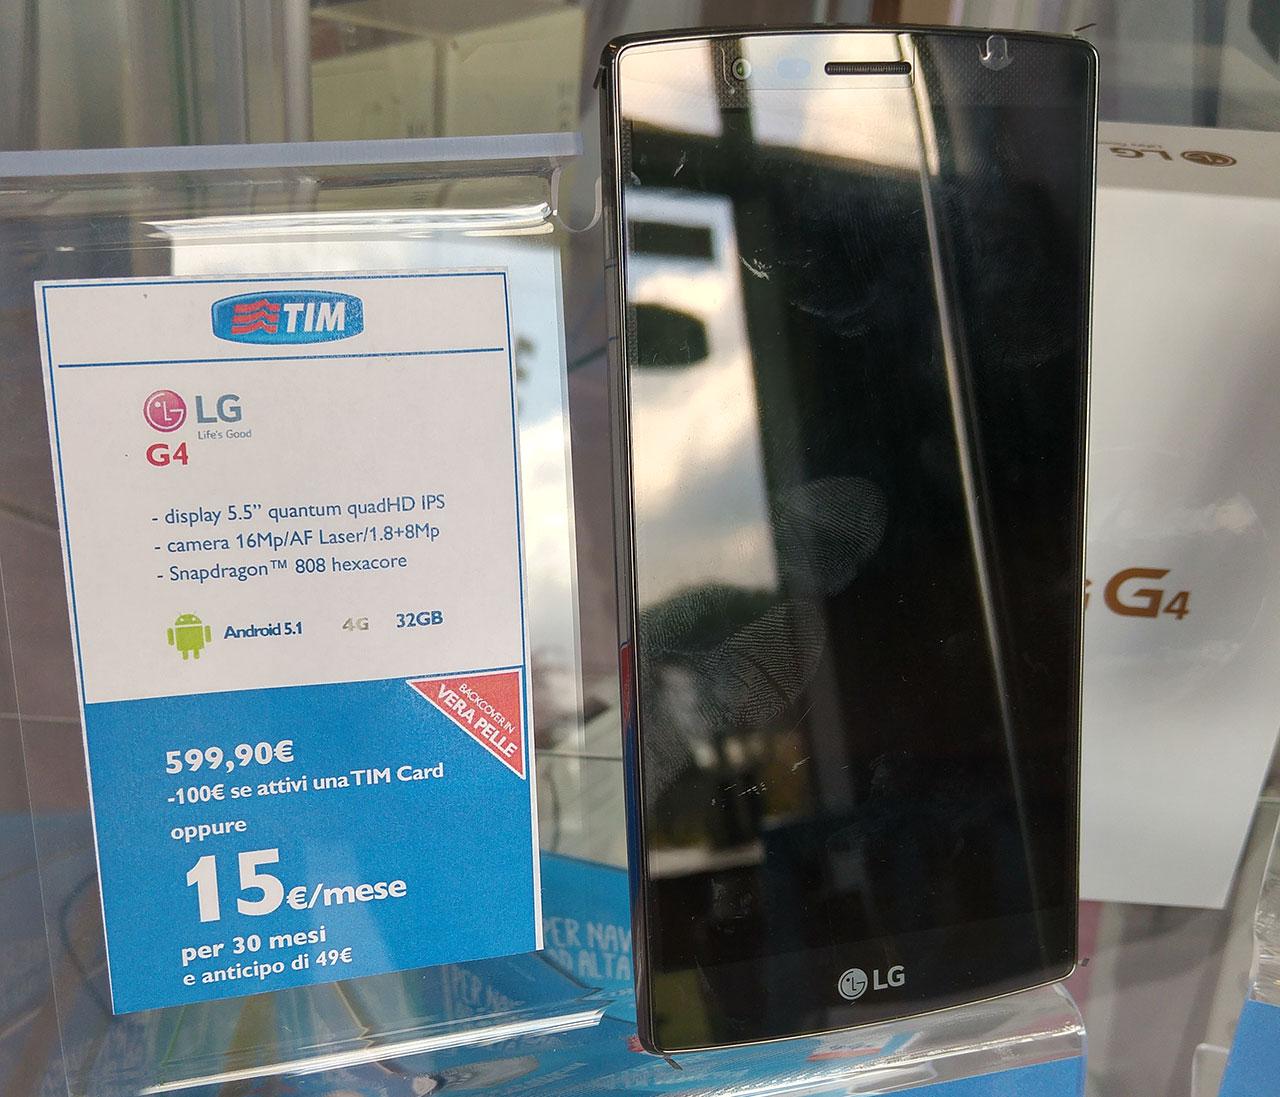 LG G4 scontato di 100€, cover in pelle compresa